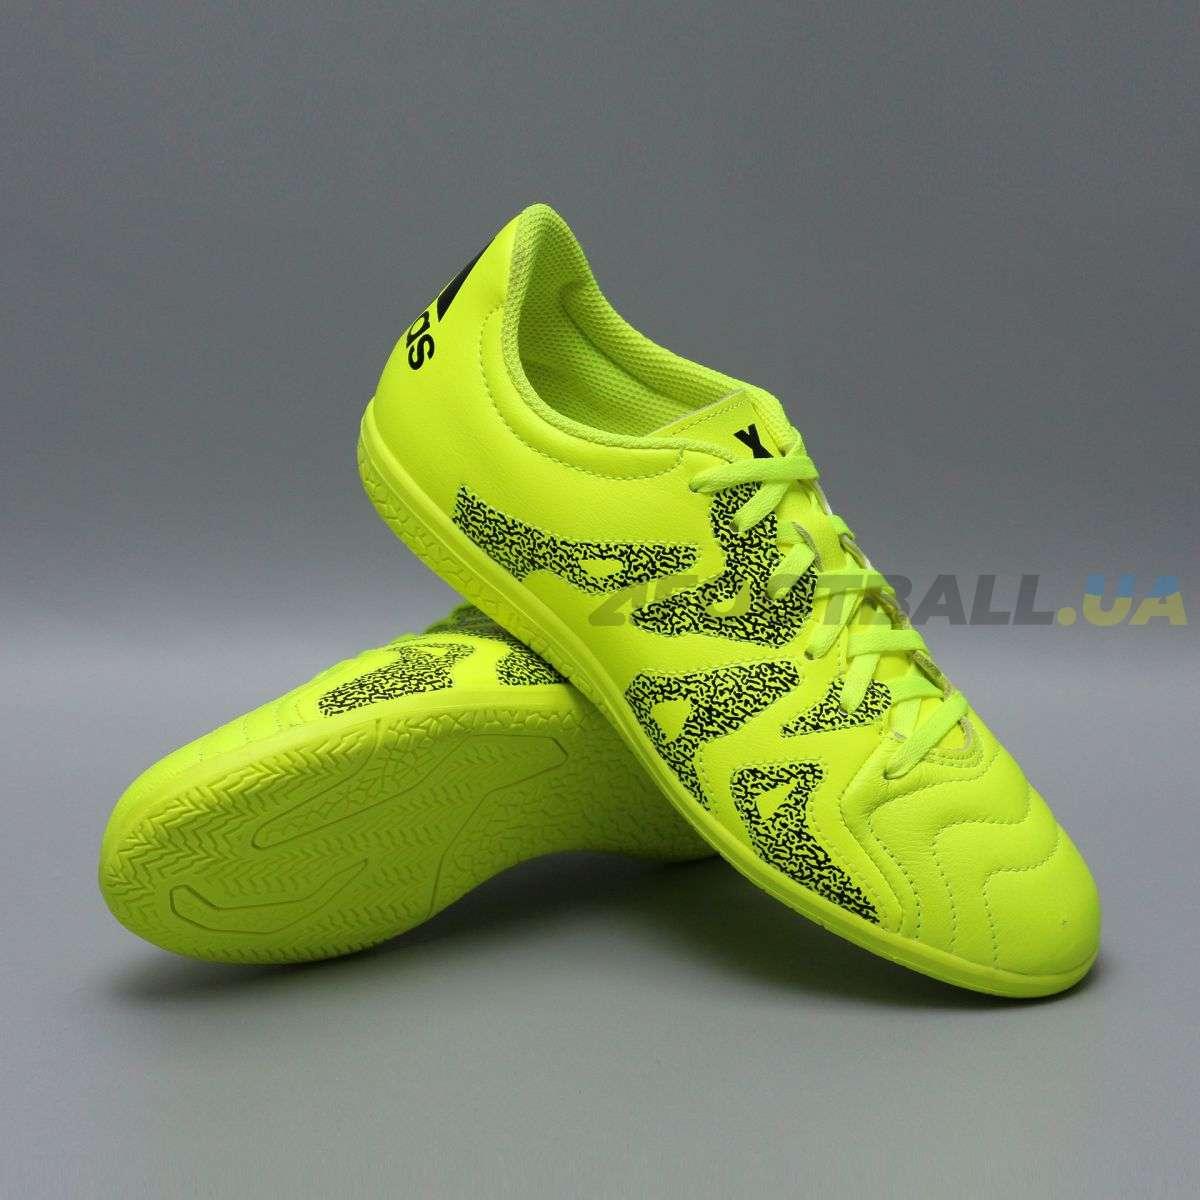 eca838f08951 Детские бутсы Адидас — купить футбольные бутсы Adidas для детей ...